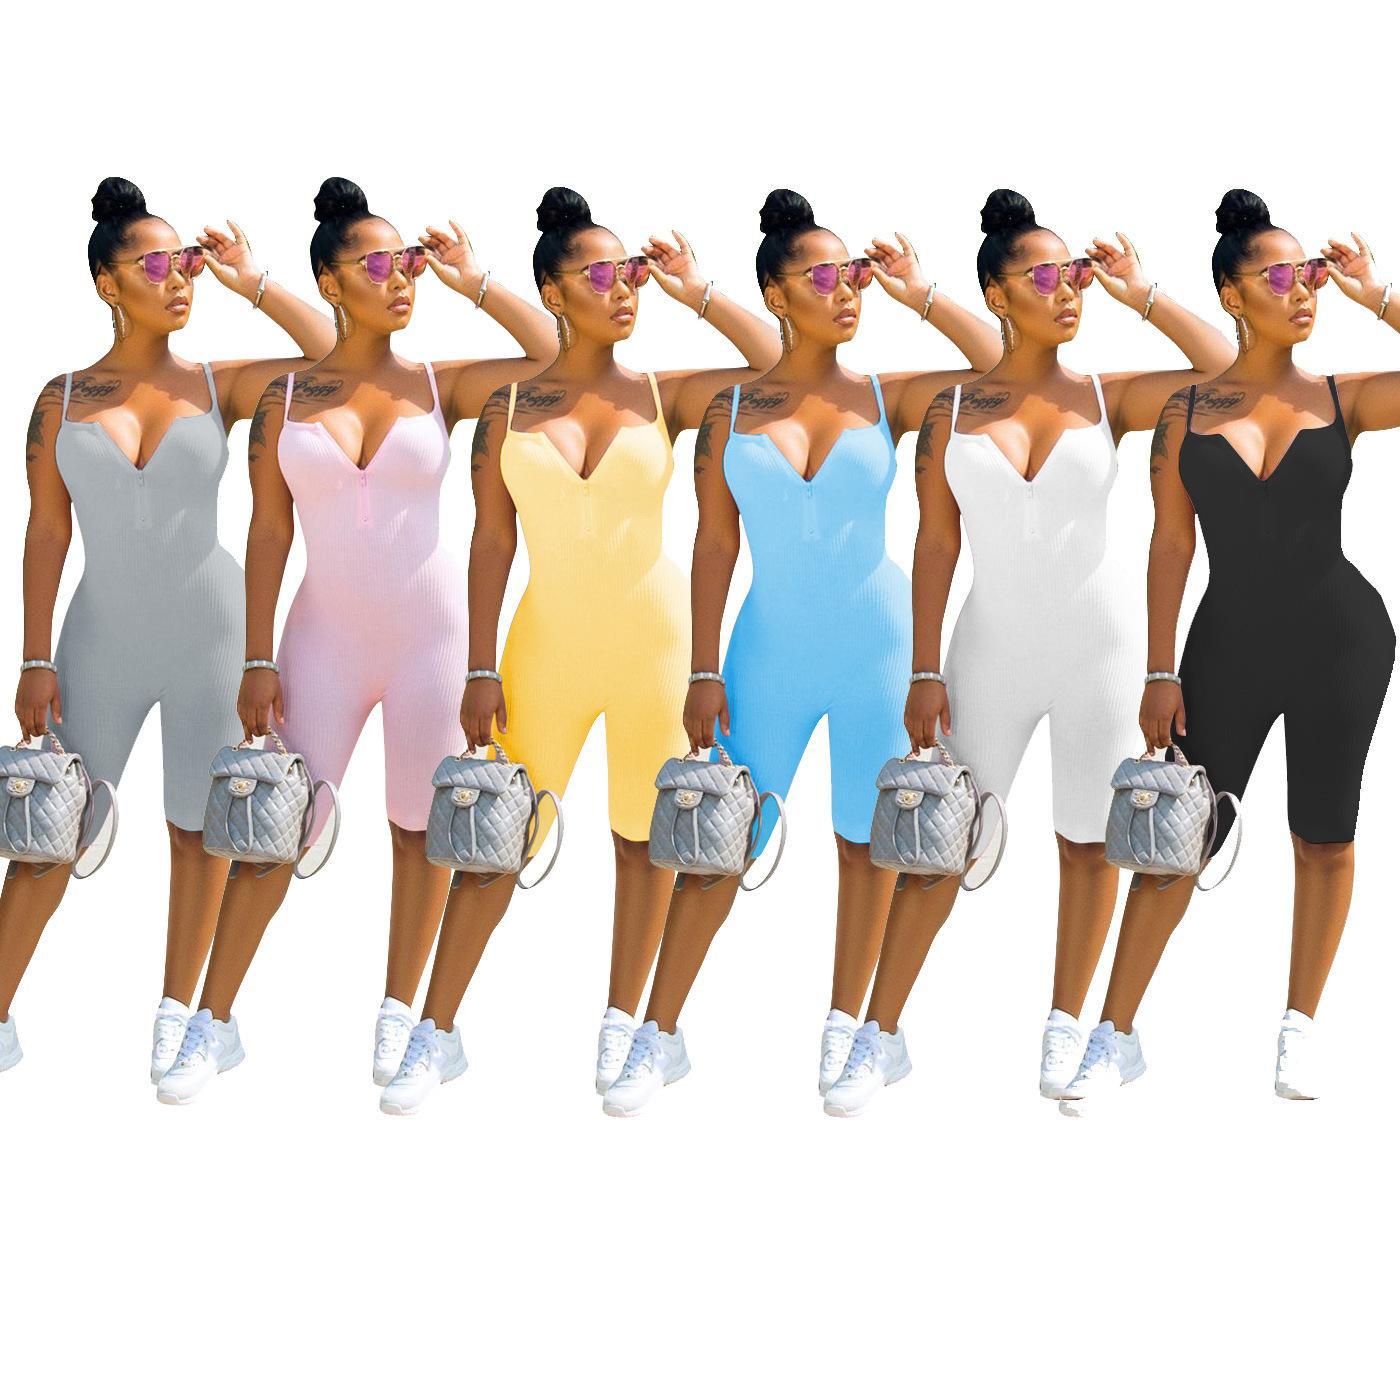 verão quente mulheres macacão ocasional estilingue malha cor sólida siameses calções bodysuit Mulheres Jumpsuits macacãozinho